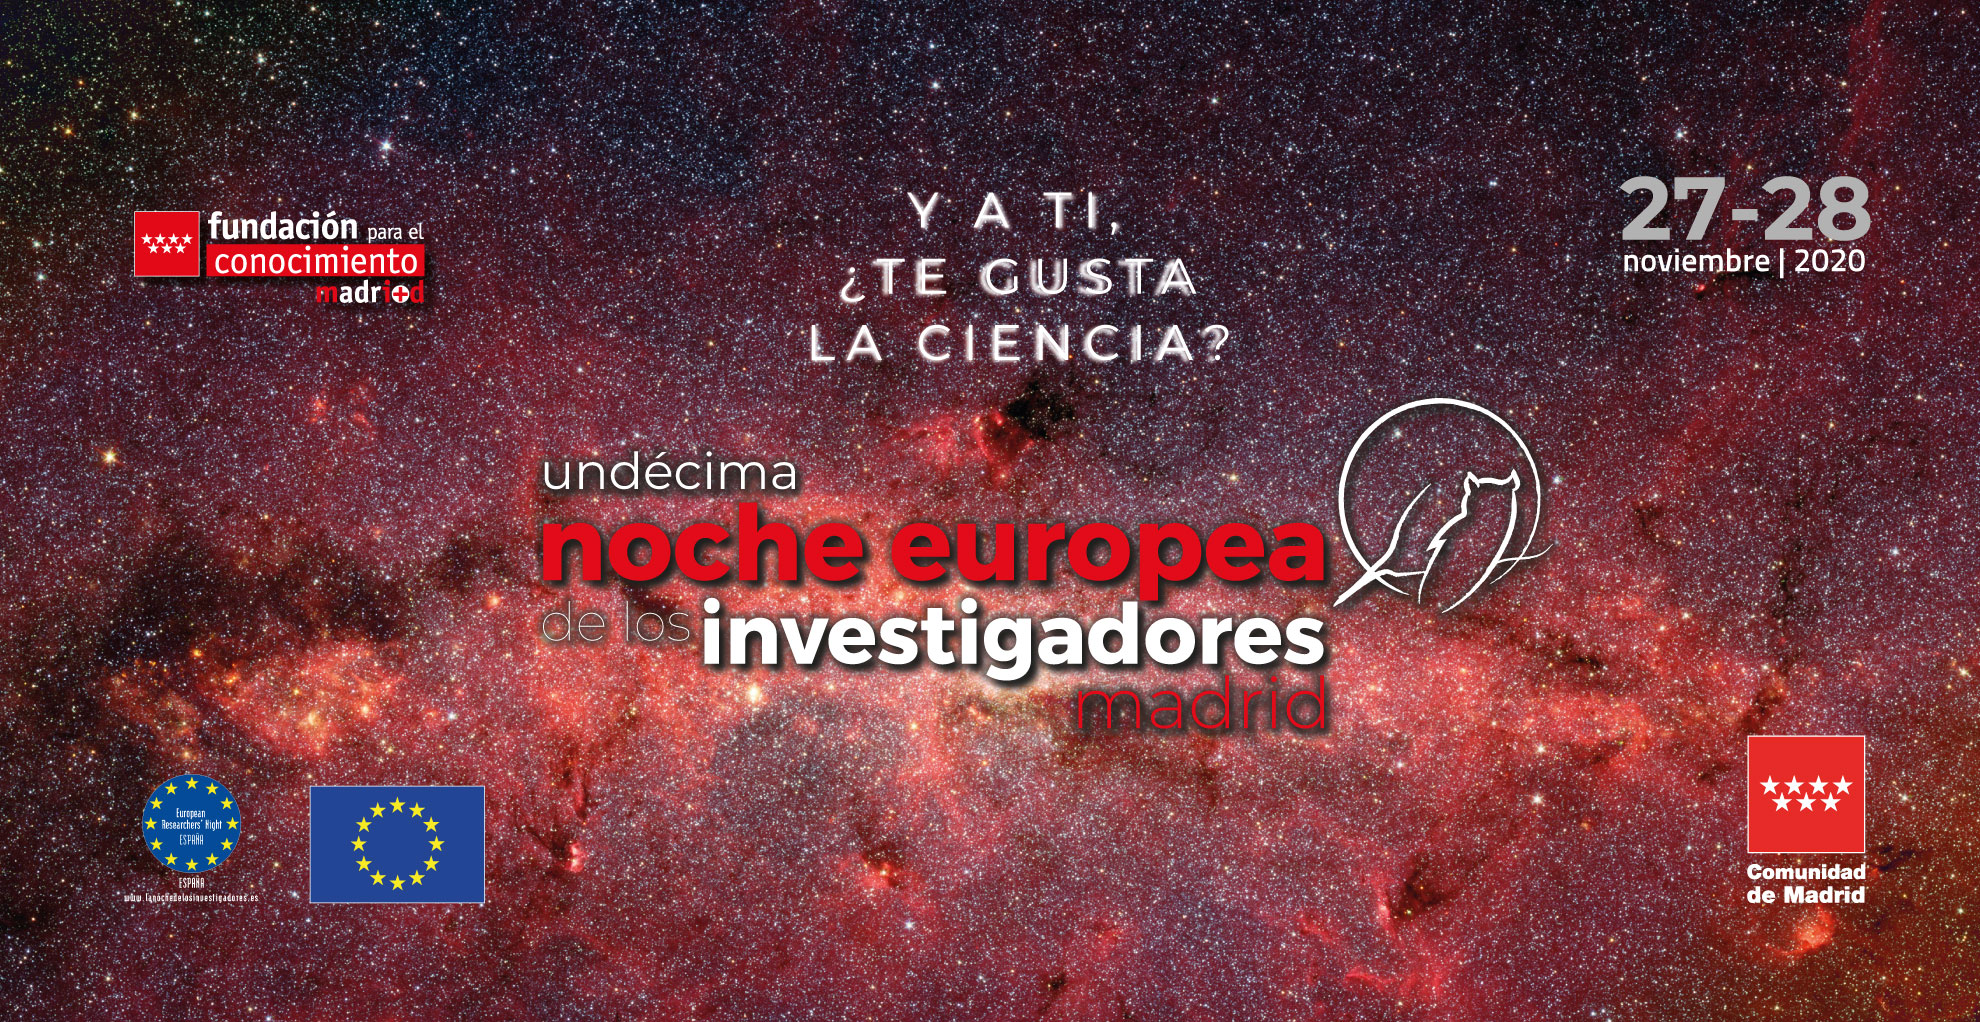 Undecima Noche Investigadores